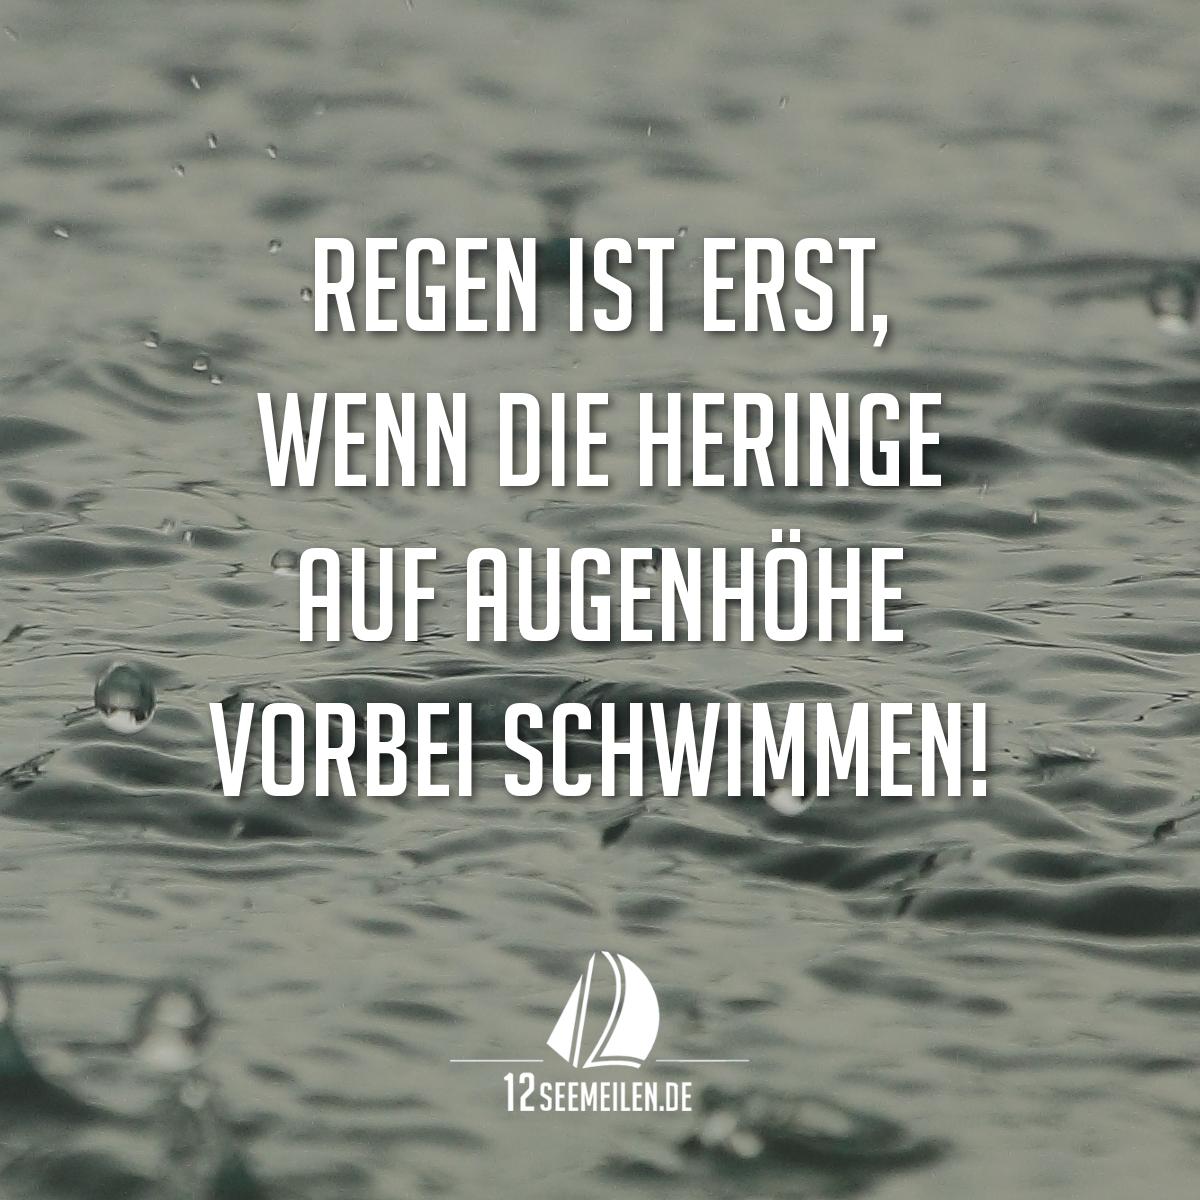 Regen ist erst wenn die heringe auf augenh he vorbei - Hamburg zitate ...